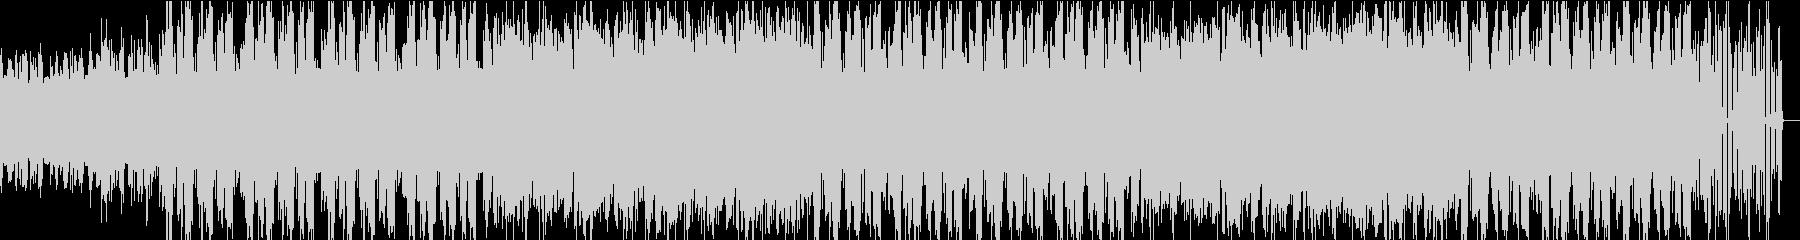 メロディアスで幻想的なチルアウトの未再生の波形